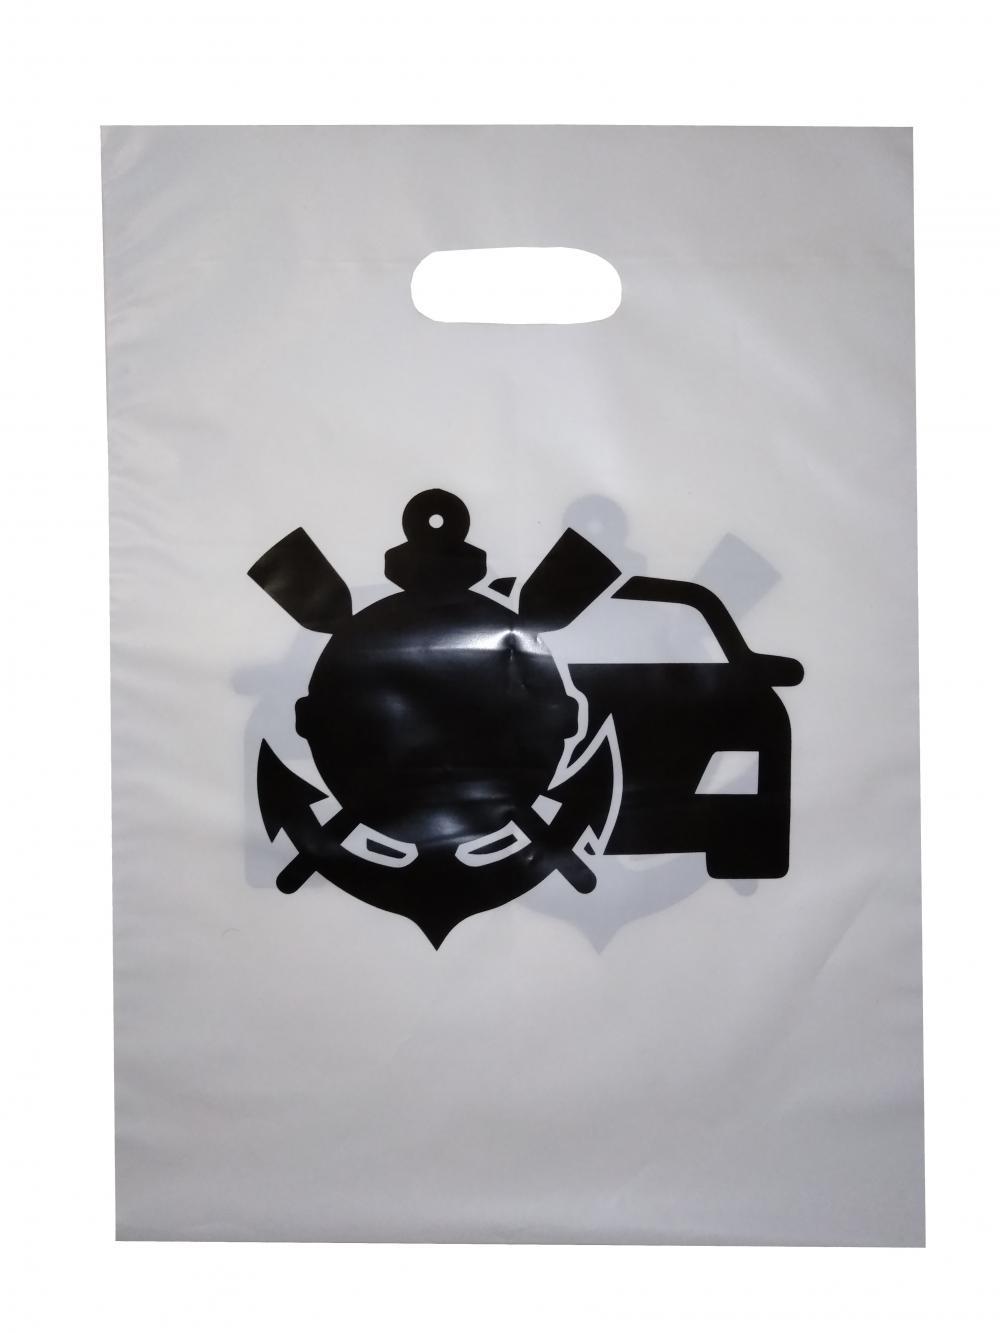 Sacola Plástica Personalizada-1151